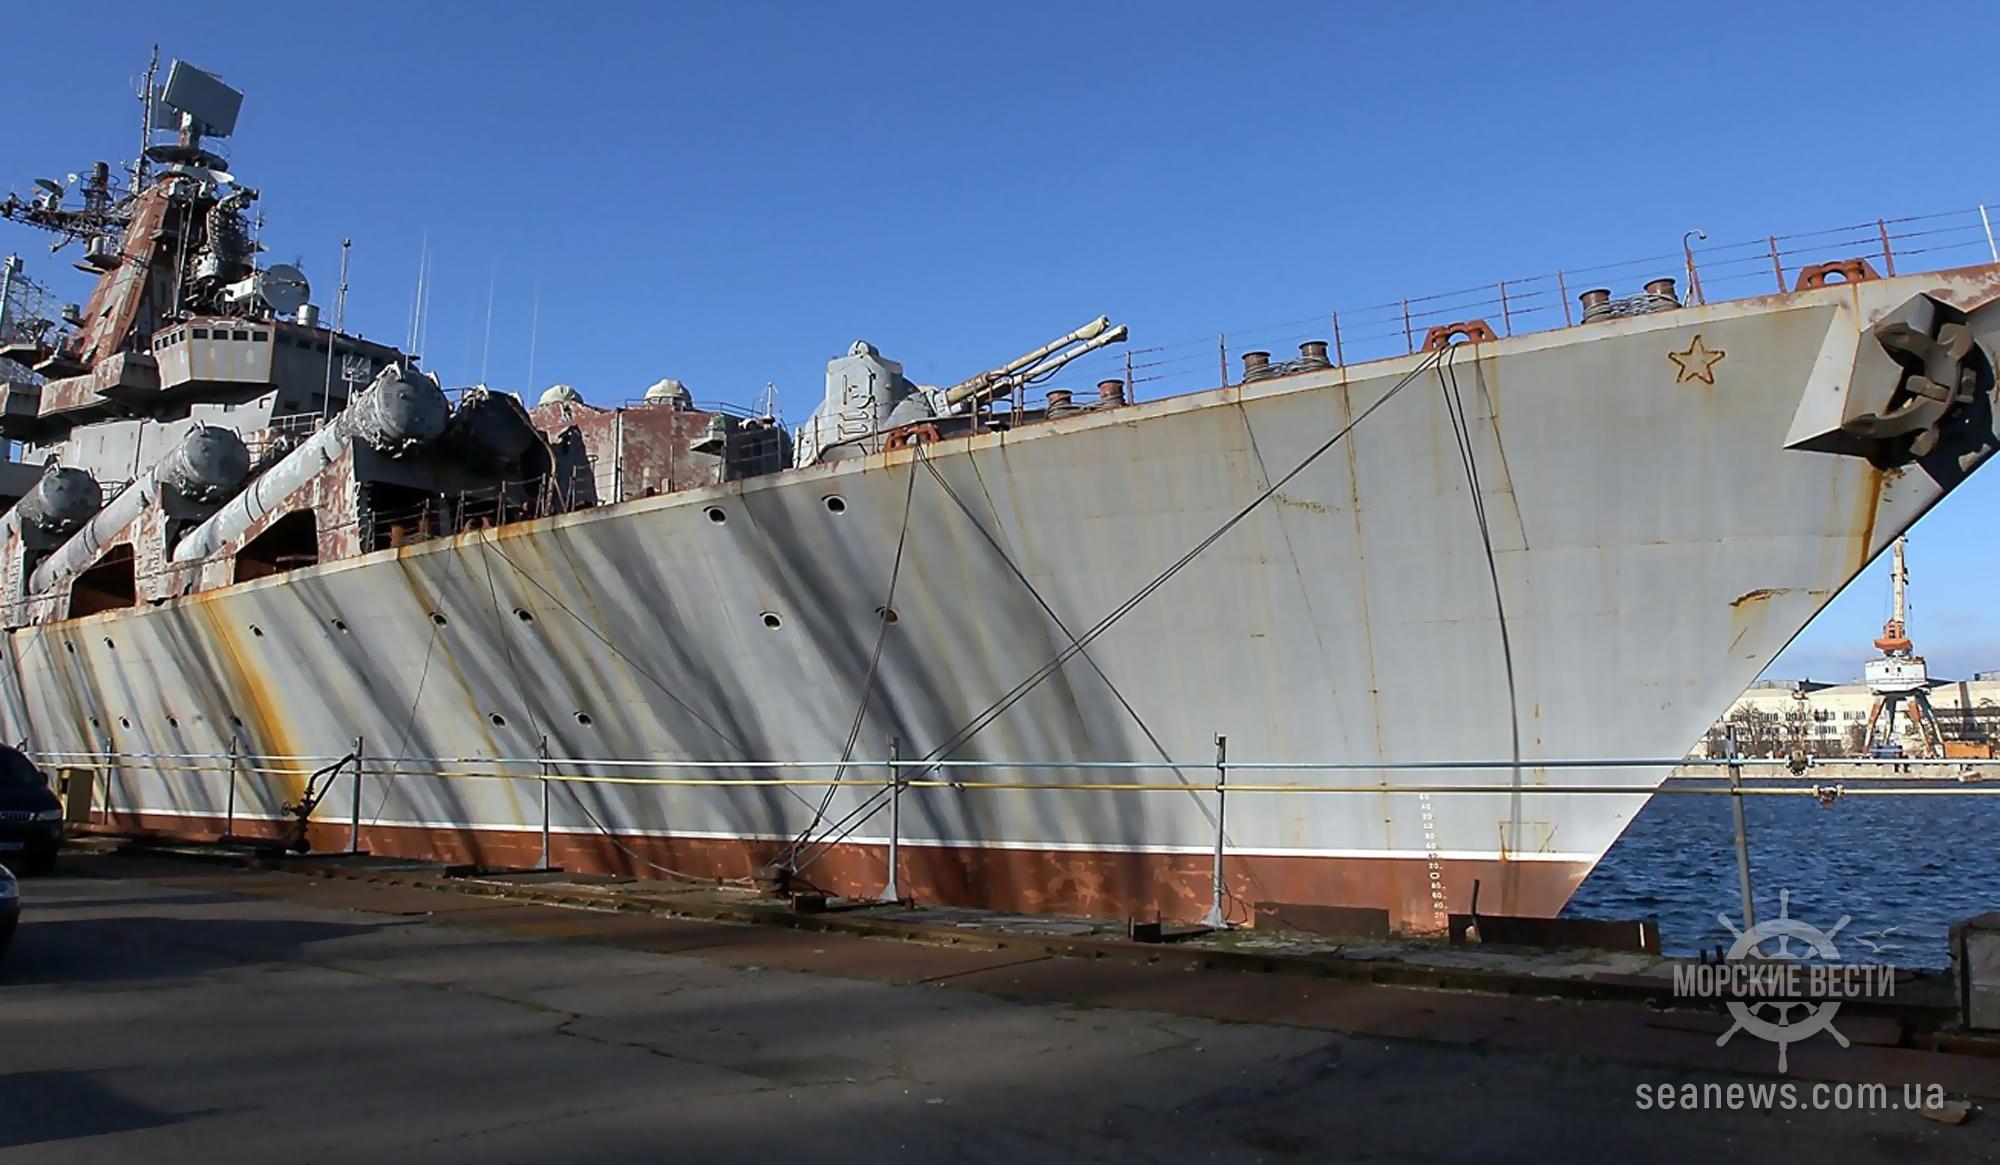 Демилитаризации крейсера «Украина» в Николаеве так и не произошла